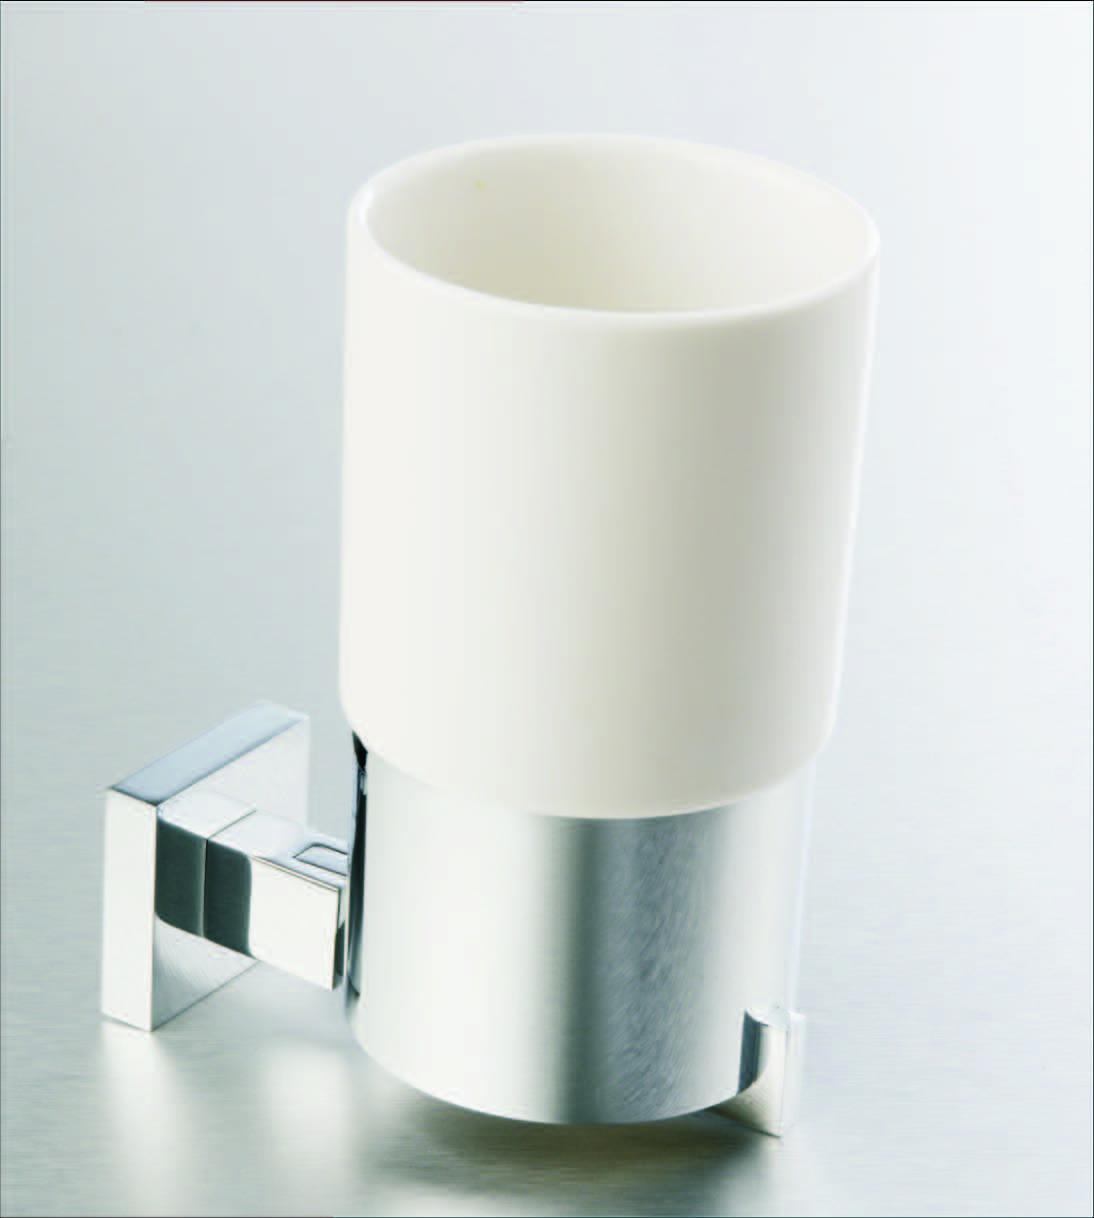 L203c-1-tumbler-holder